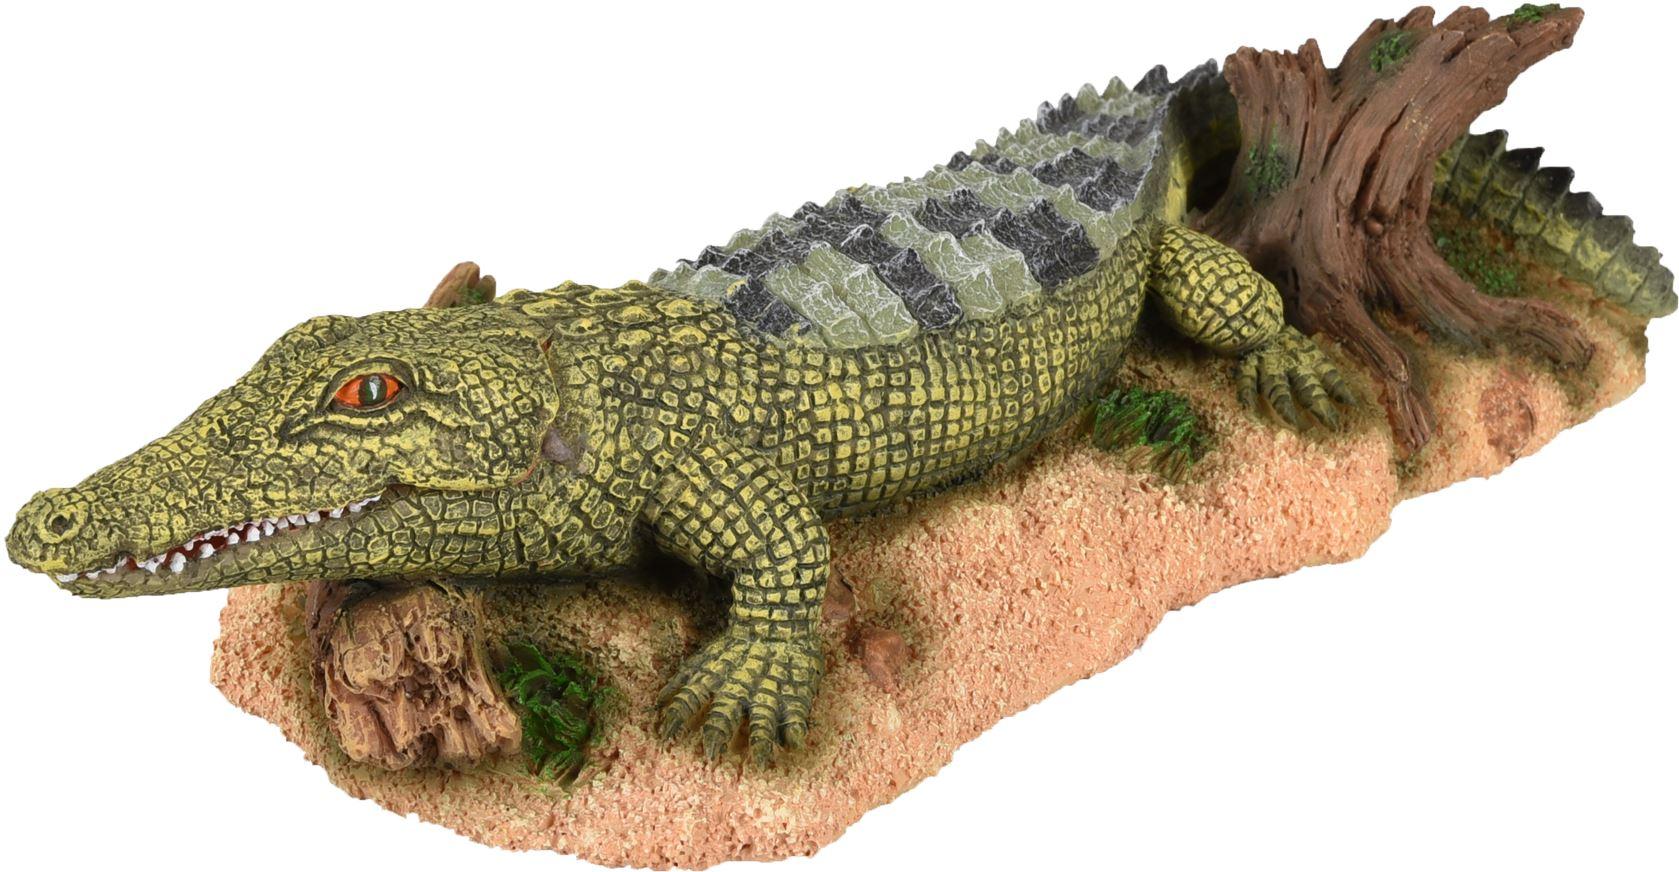 ad fauna krokodil